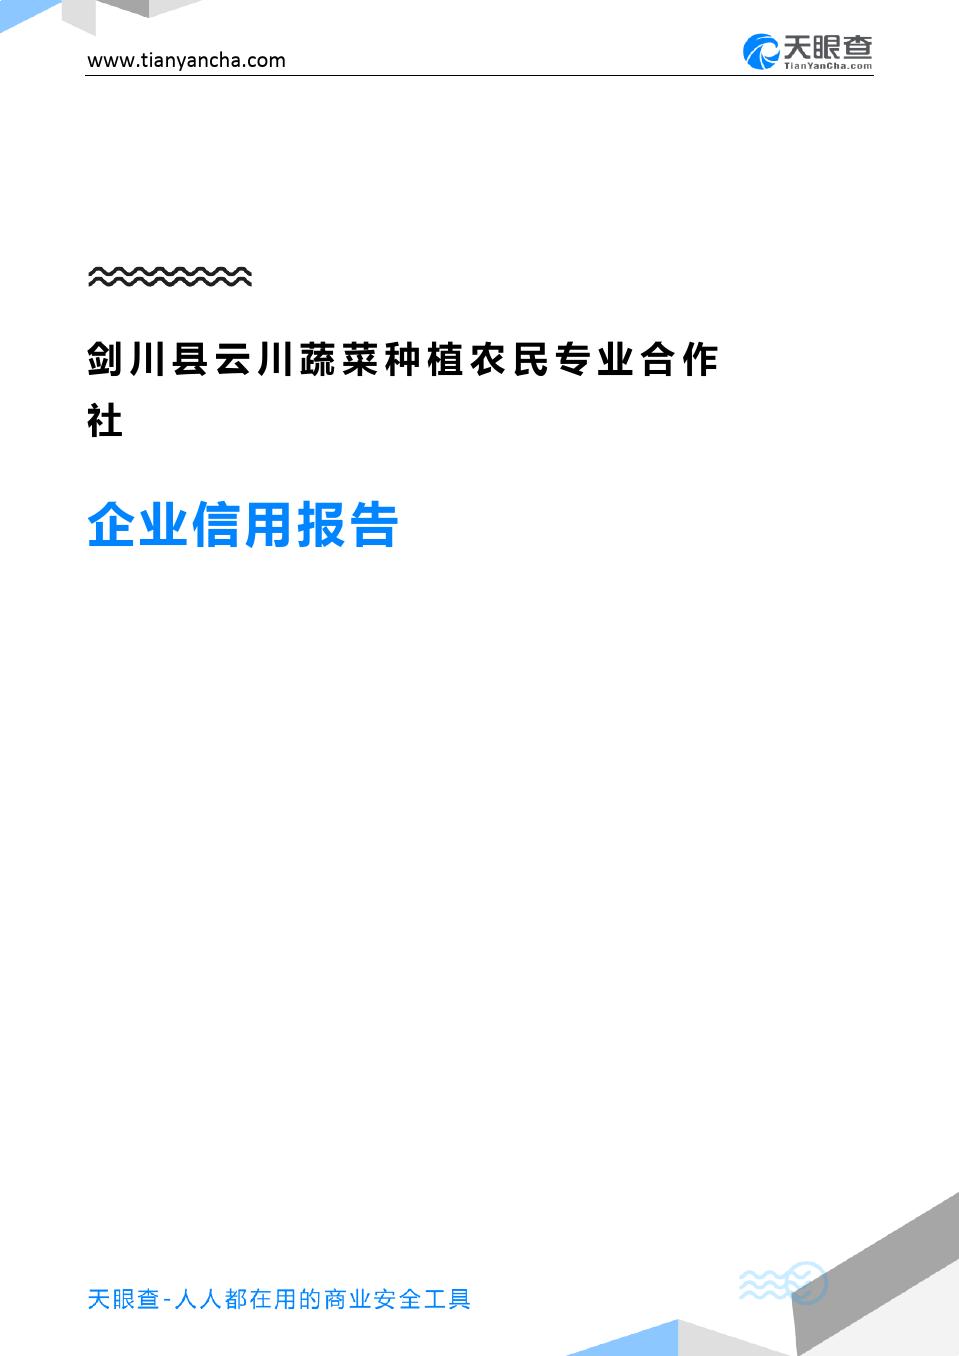 剑川县云川蔬菜种植农民专业合作社企业信用报告-天眼查